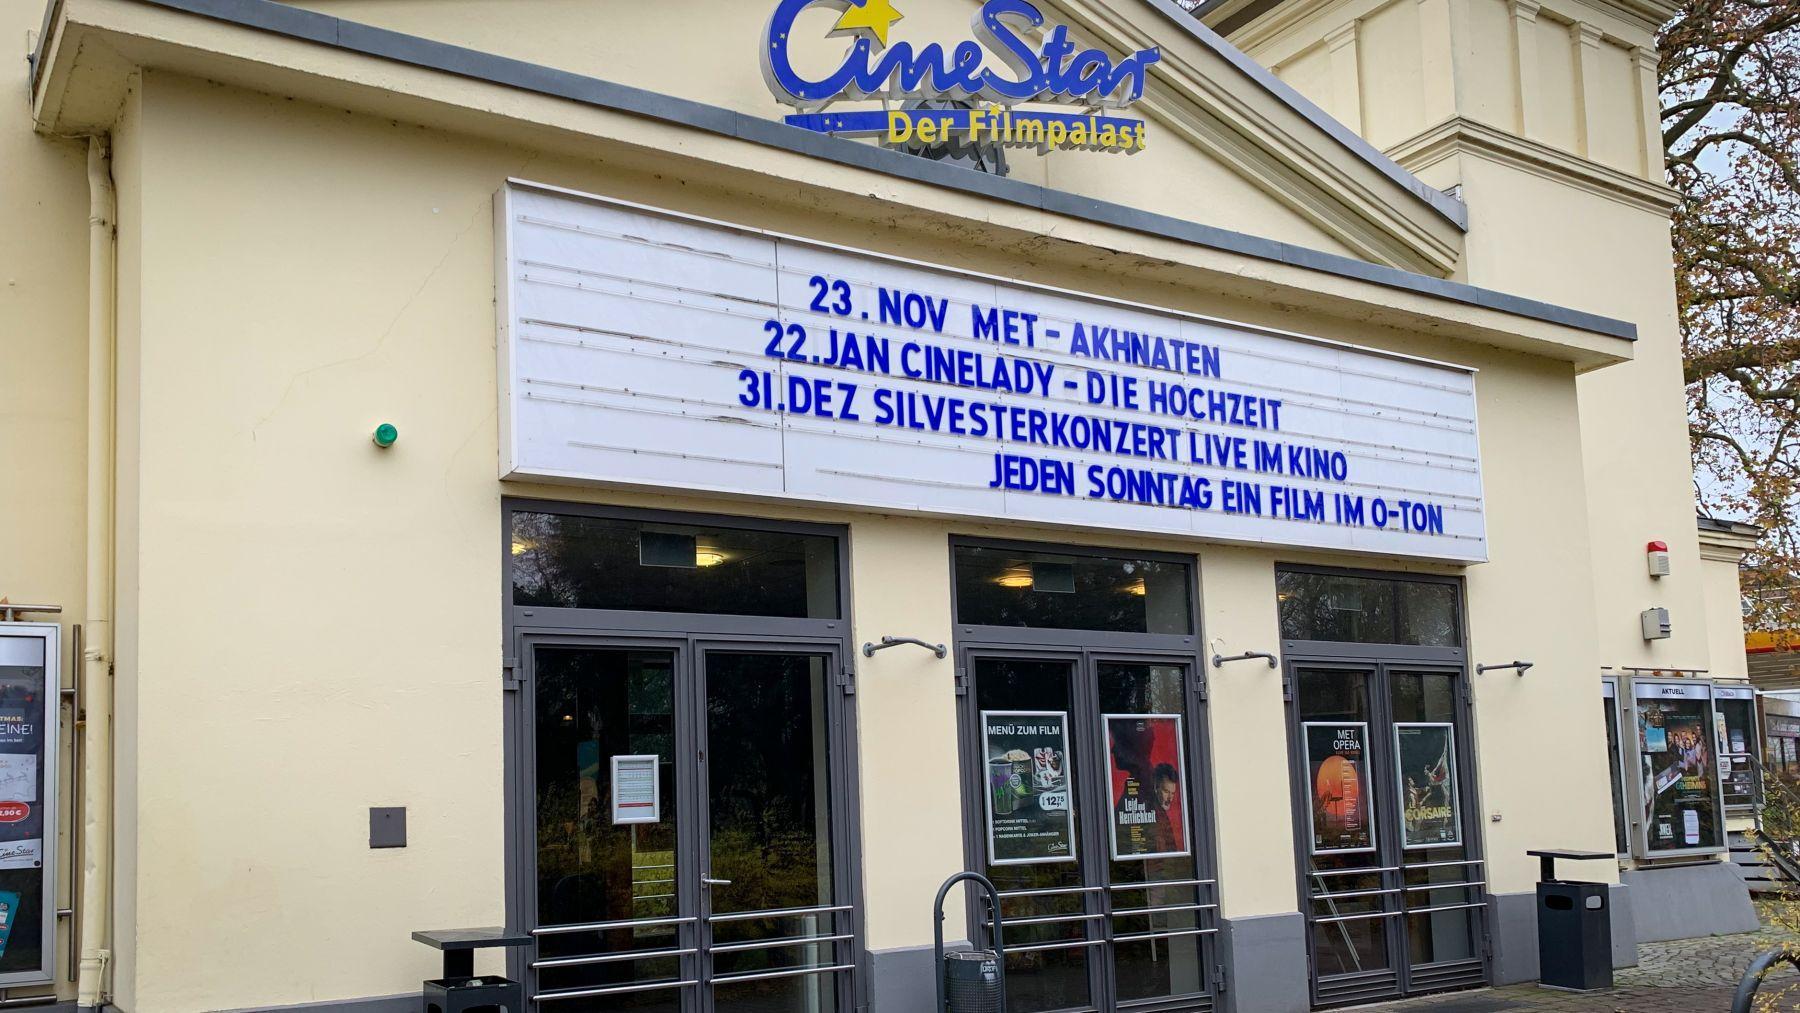 Cinestar Potsdamer Platz Programm